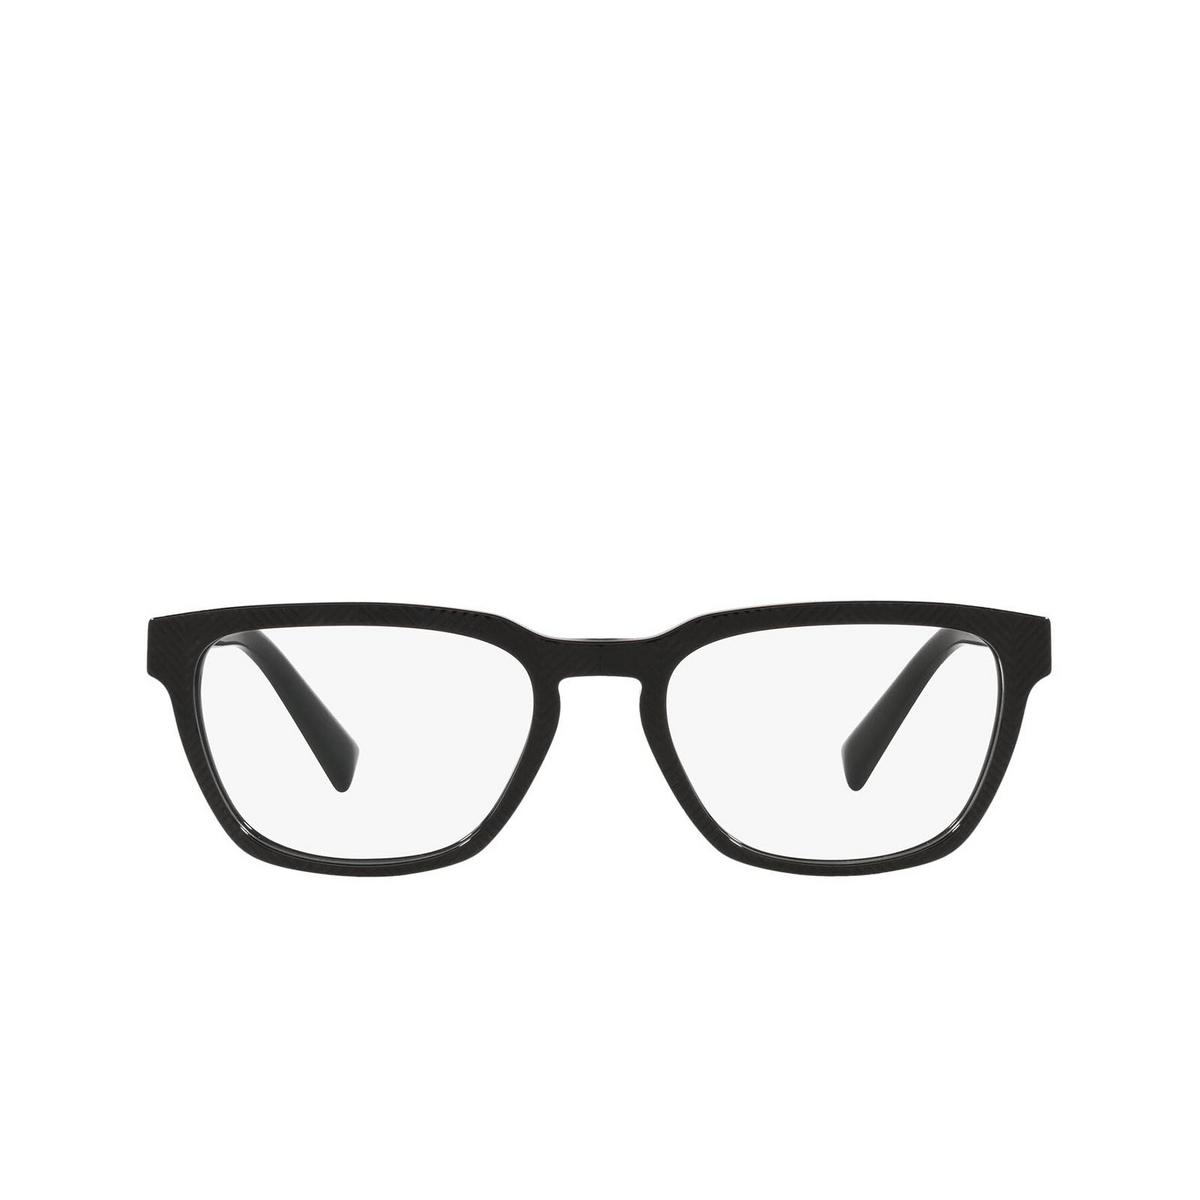 Dolce & Gabbana® Square Eyeglasses: DG3333 color Nero Texture Spigato 3298 - front view.